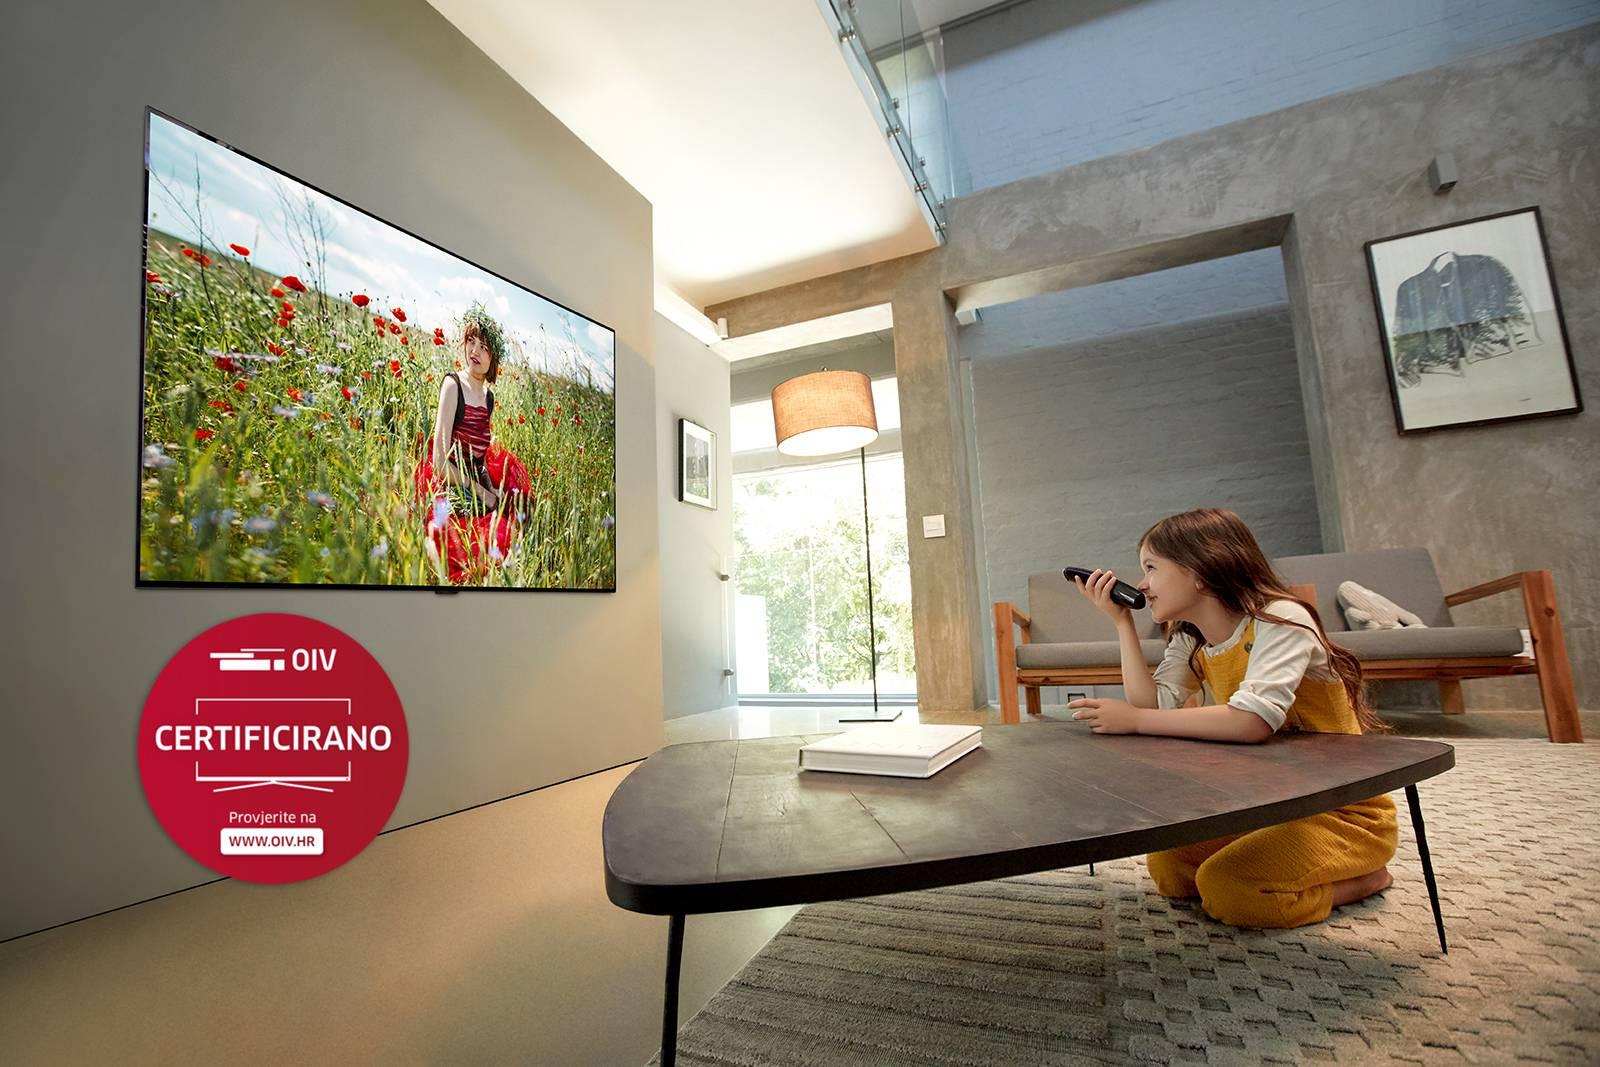 LG-evi pametni televizori podržavaju DVB-T2 signal i zato su odličan izbor